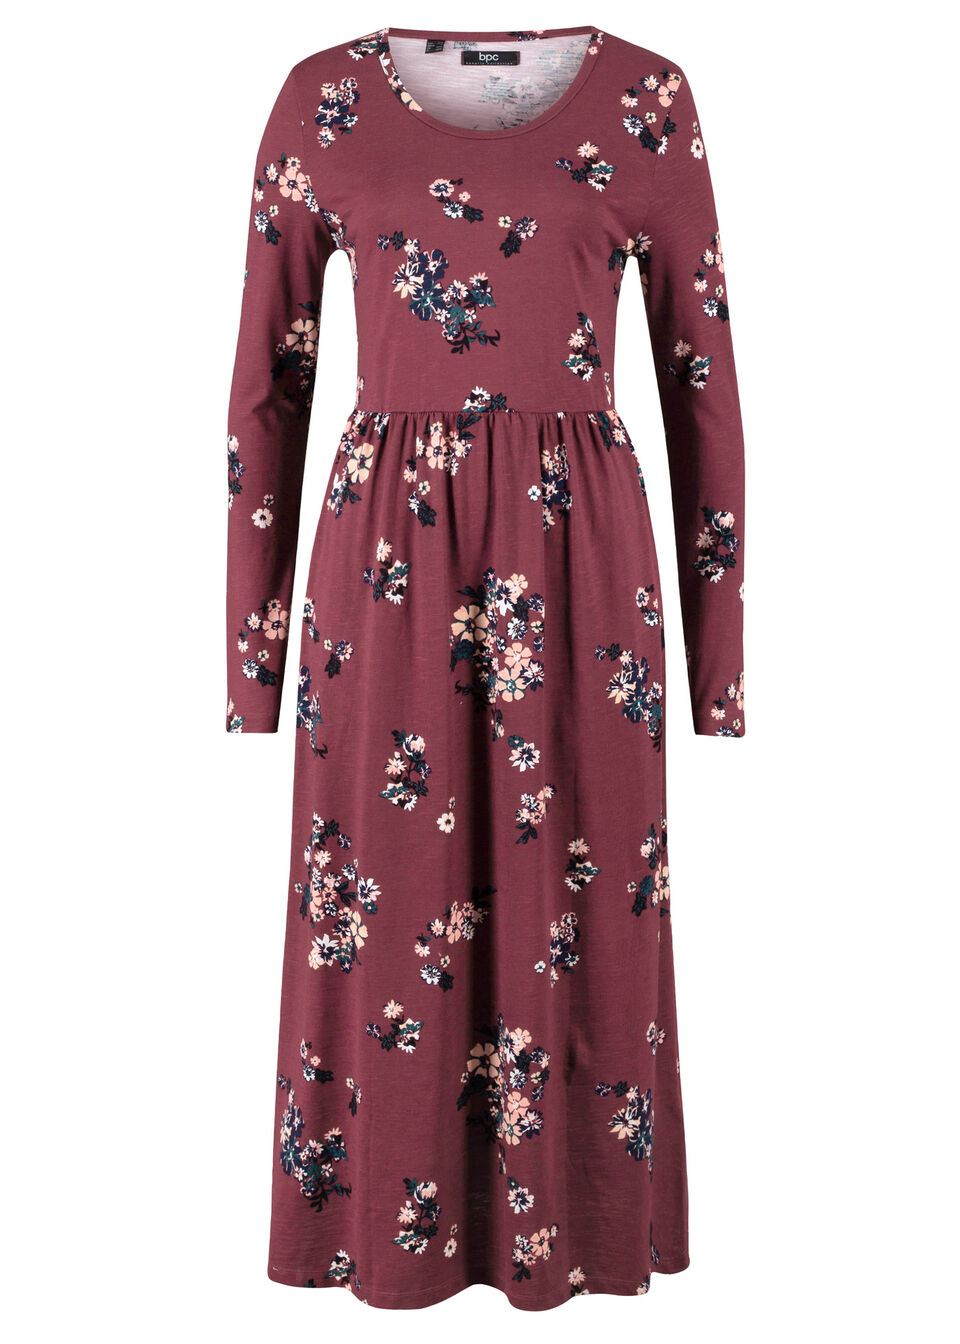 Rozkloszowana sukienka maxi z dżerseju, długi rękaw bonprix czerwony klonowy - kobaltowy w kwiaty